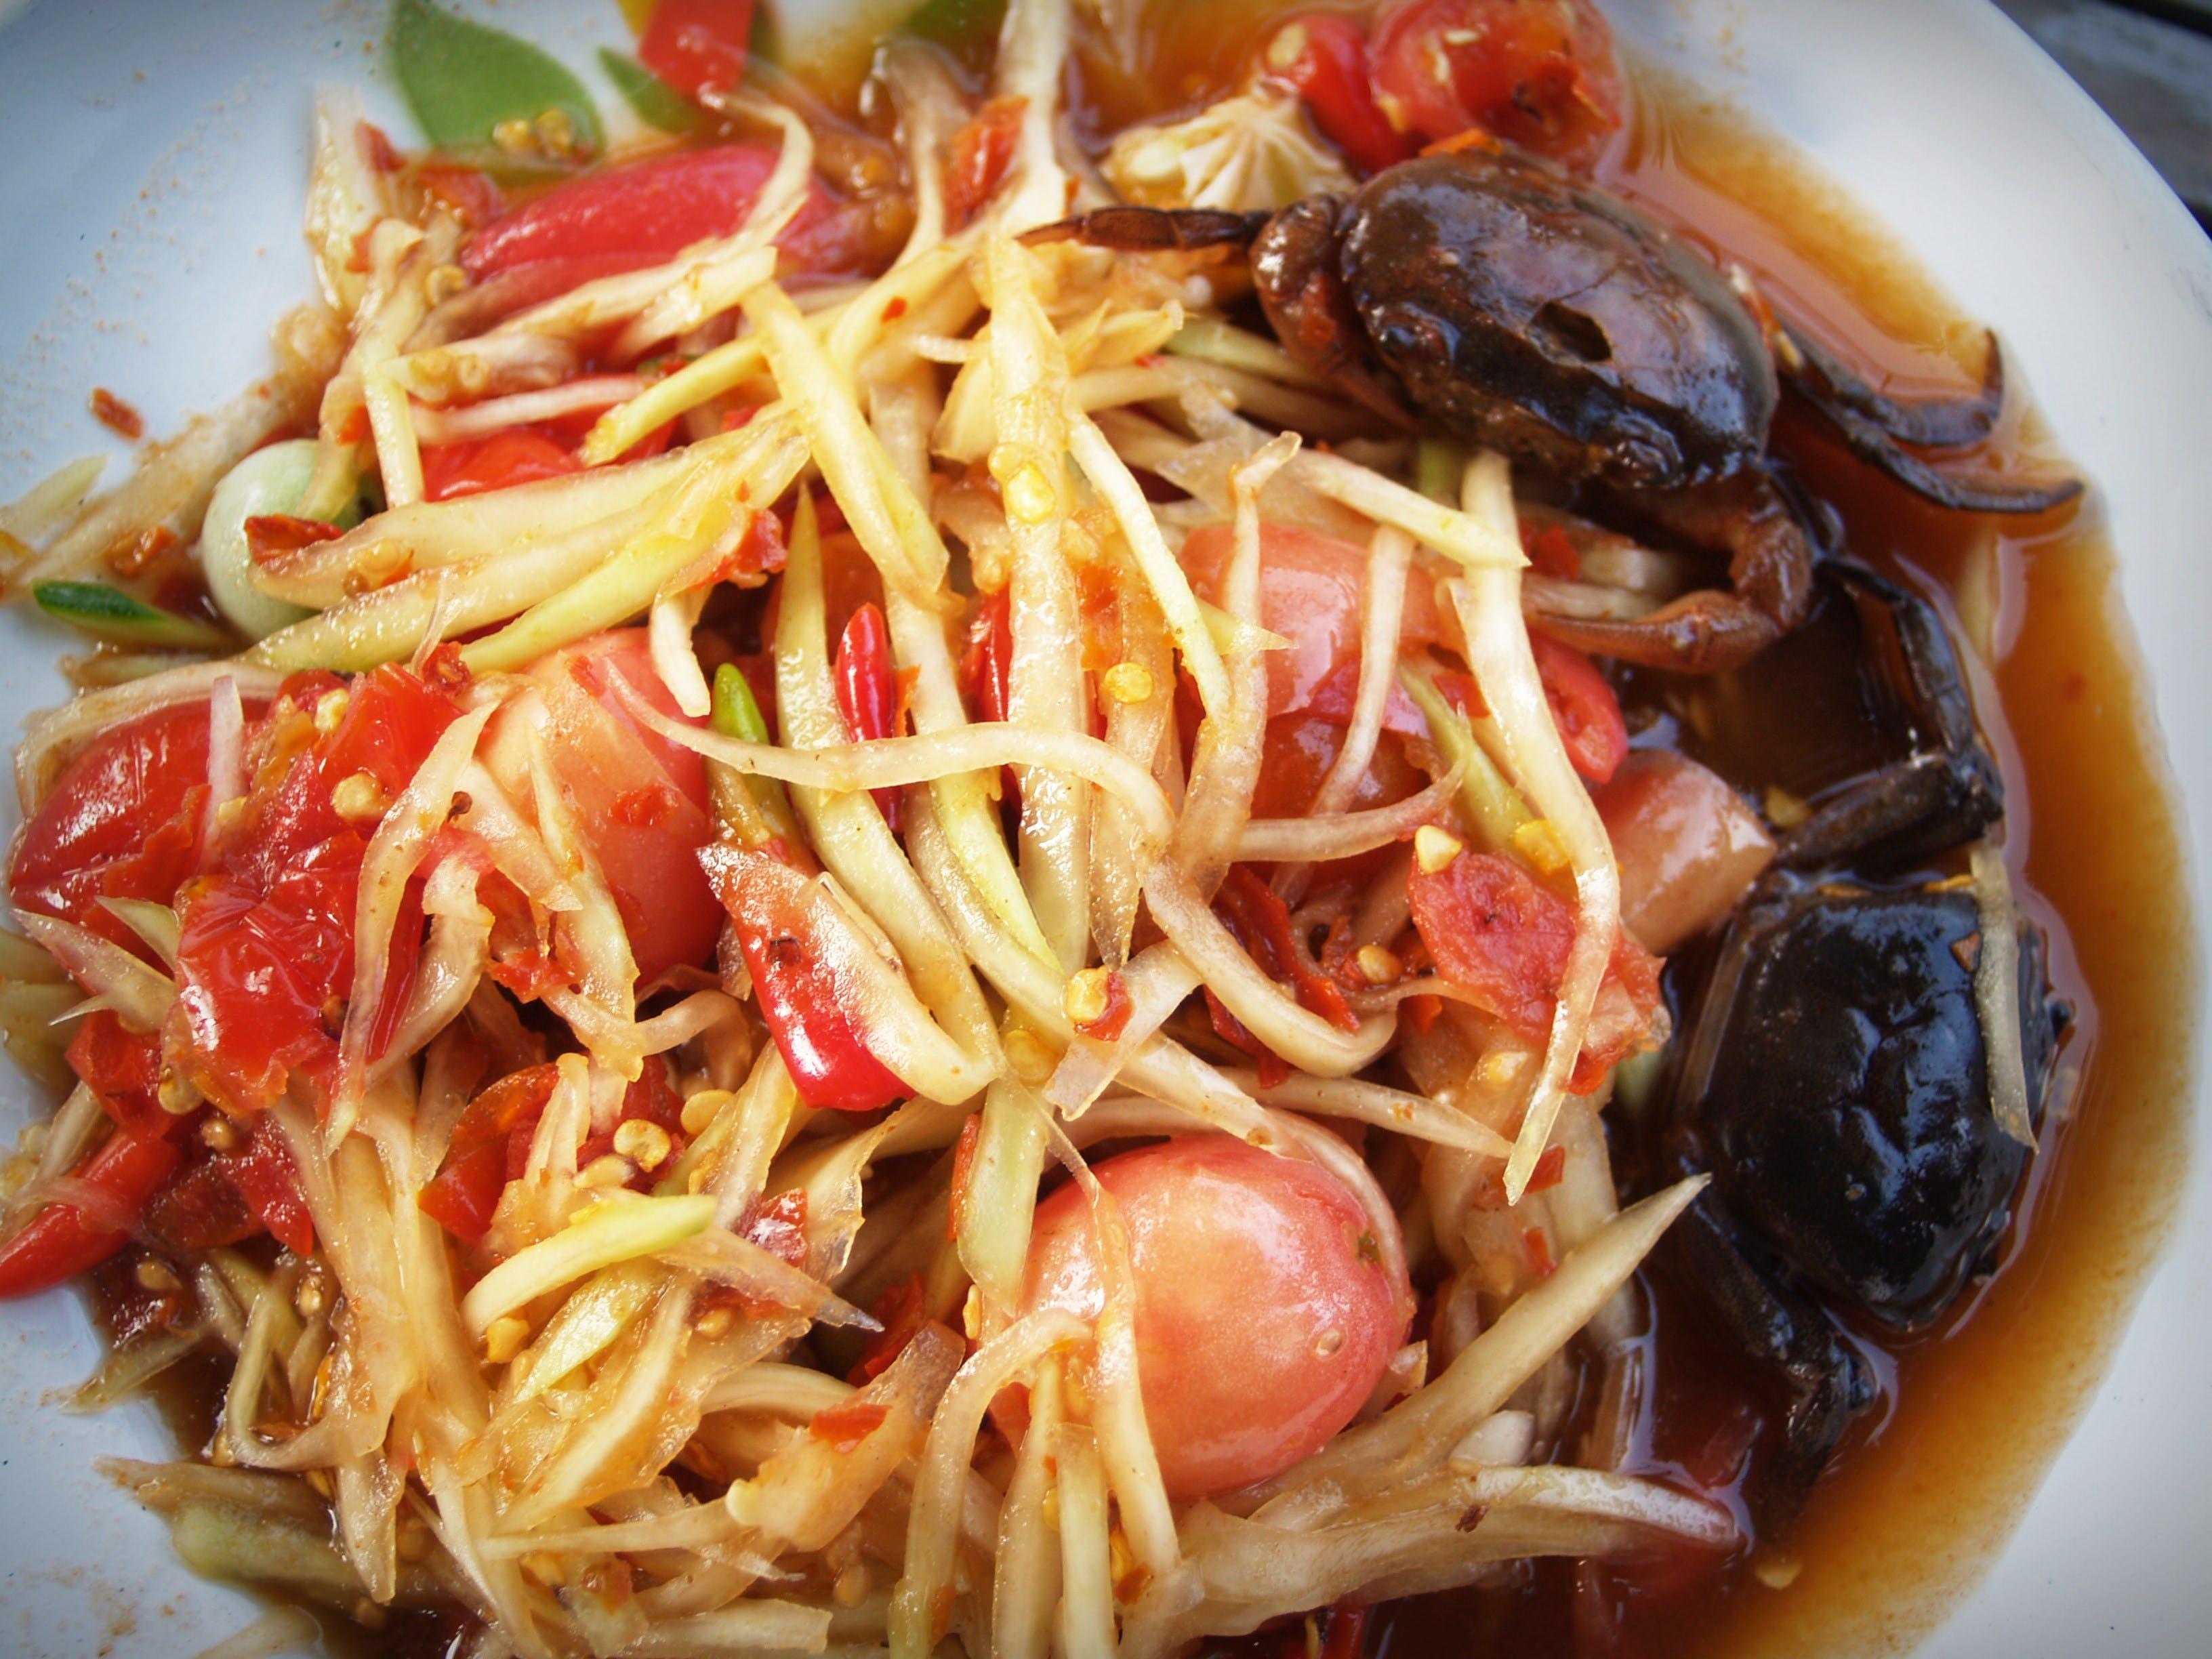 Fotos de stock gratuitas de almuerzo, Asia, asiático, cangrejo